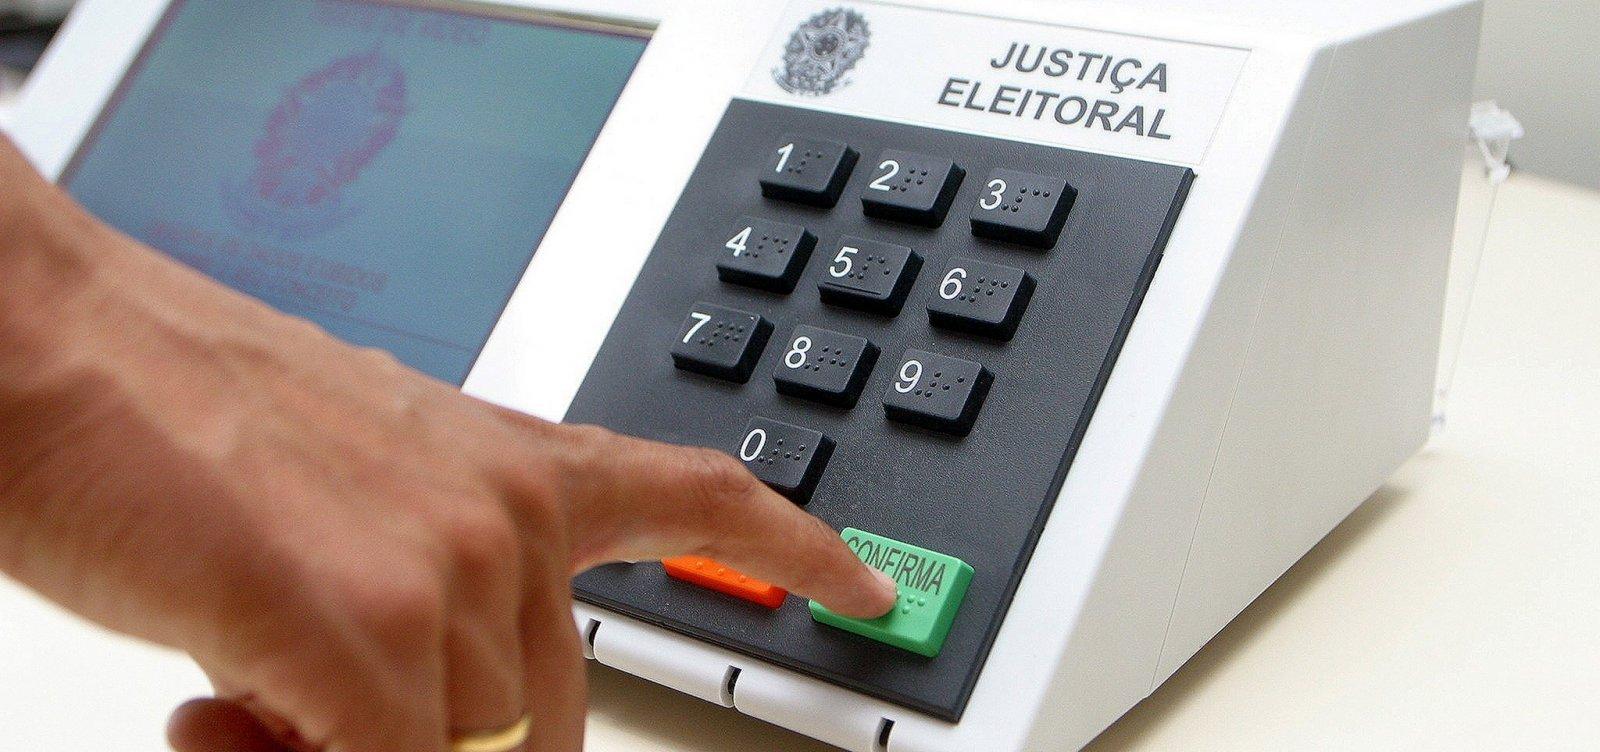 Presidente de seção eleitoral é presa por fotografar urna em Petrolina, PE